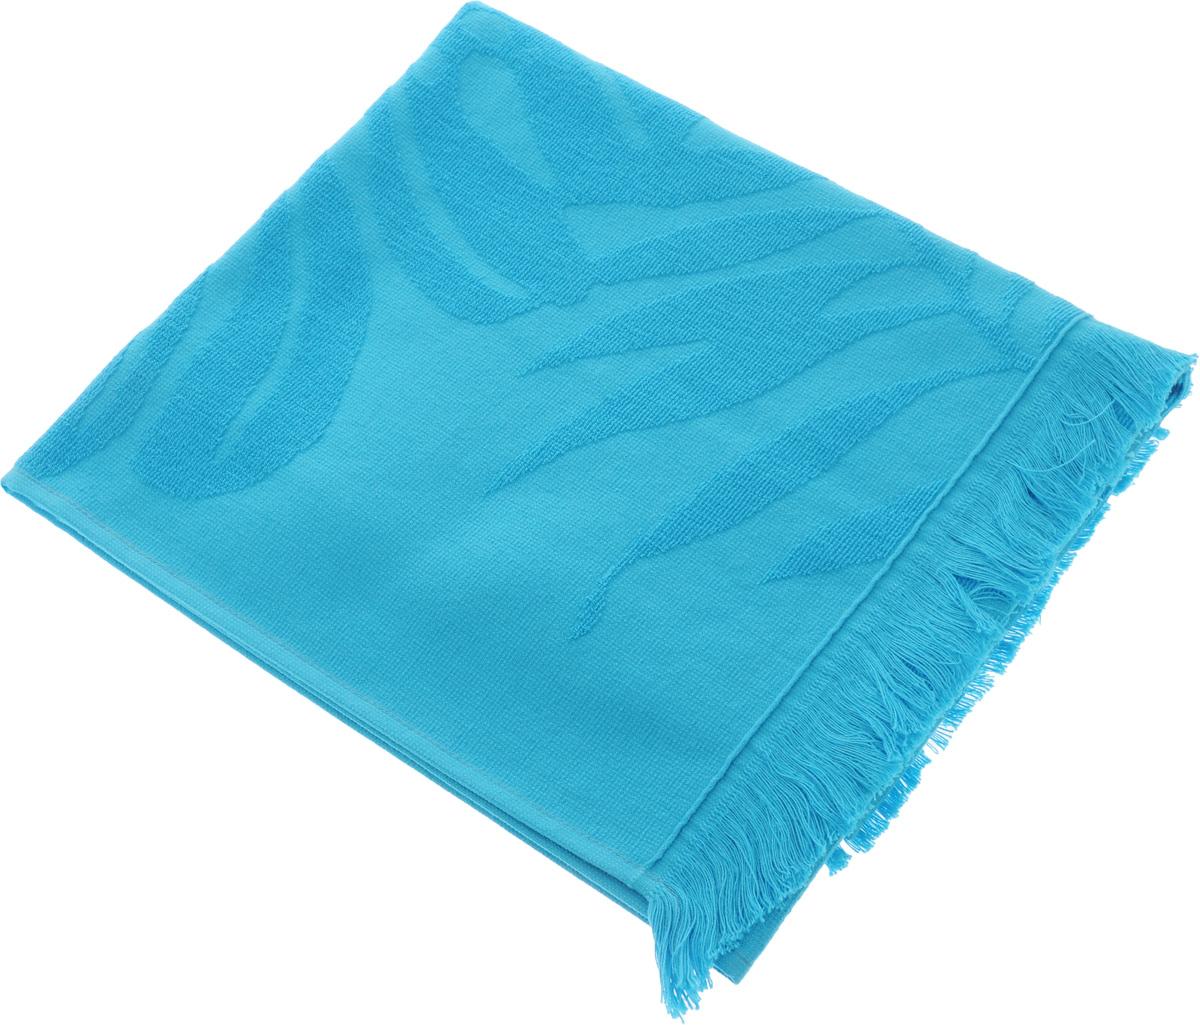 Полотенце Issimo Home Nadia, цвет: бирюзовый, 50 x 90 см4986Полотенце Issimo Home Nadia выполнено из 100% хлопка. Изделие отлично впитывает влагу, быстро сохнет, сохраняет яркость цвета и не теряет форму даже после многократных стирок. Полотенце очень практично и неприхотливо в уходе. Оно прекрасно дополнит интерьер ванной комнаты.